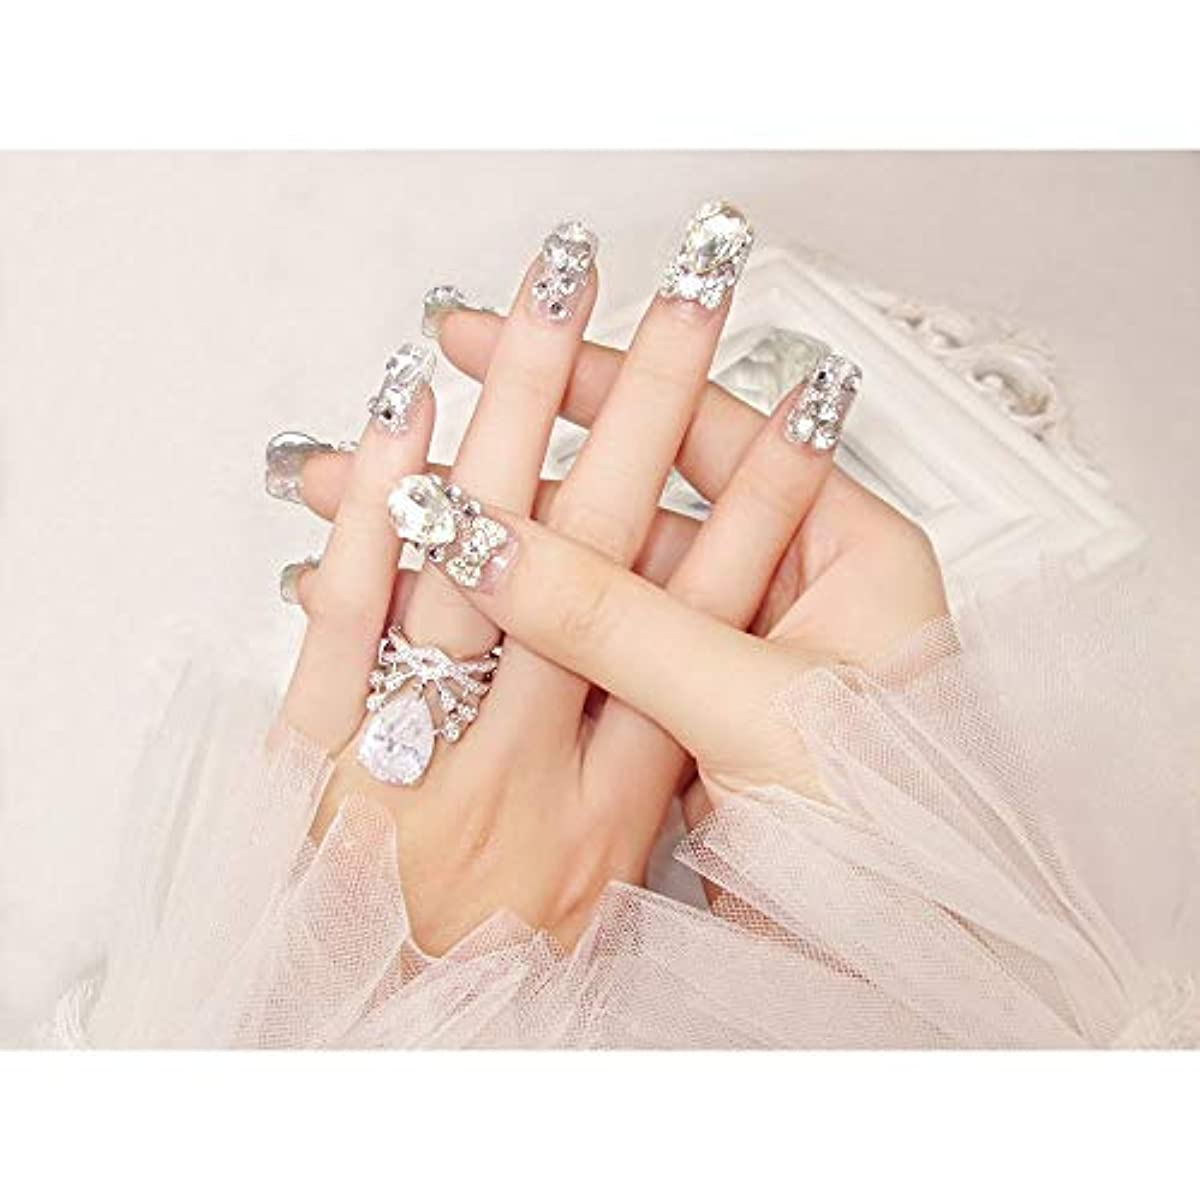 現象クスコホイットニーLVUITTON 完成した偽の釘24ピース箱入り花嫁シャイニー偽の爪の宝石ダイヤモンドの宝石ブライダルネイルステッカー (色 : 24 pieces)